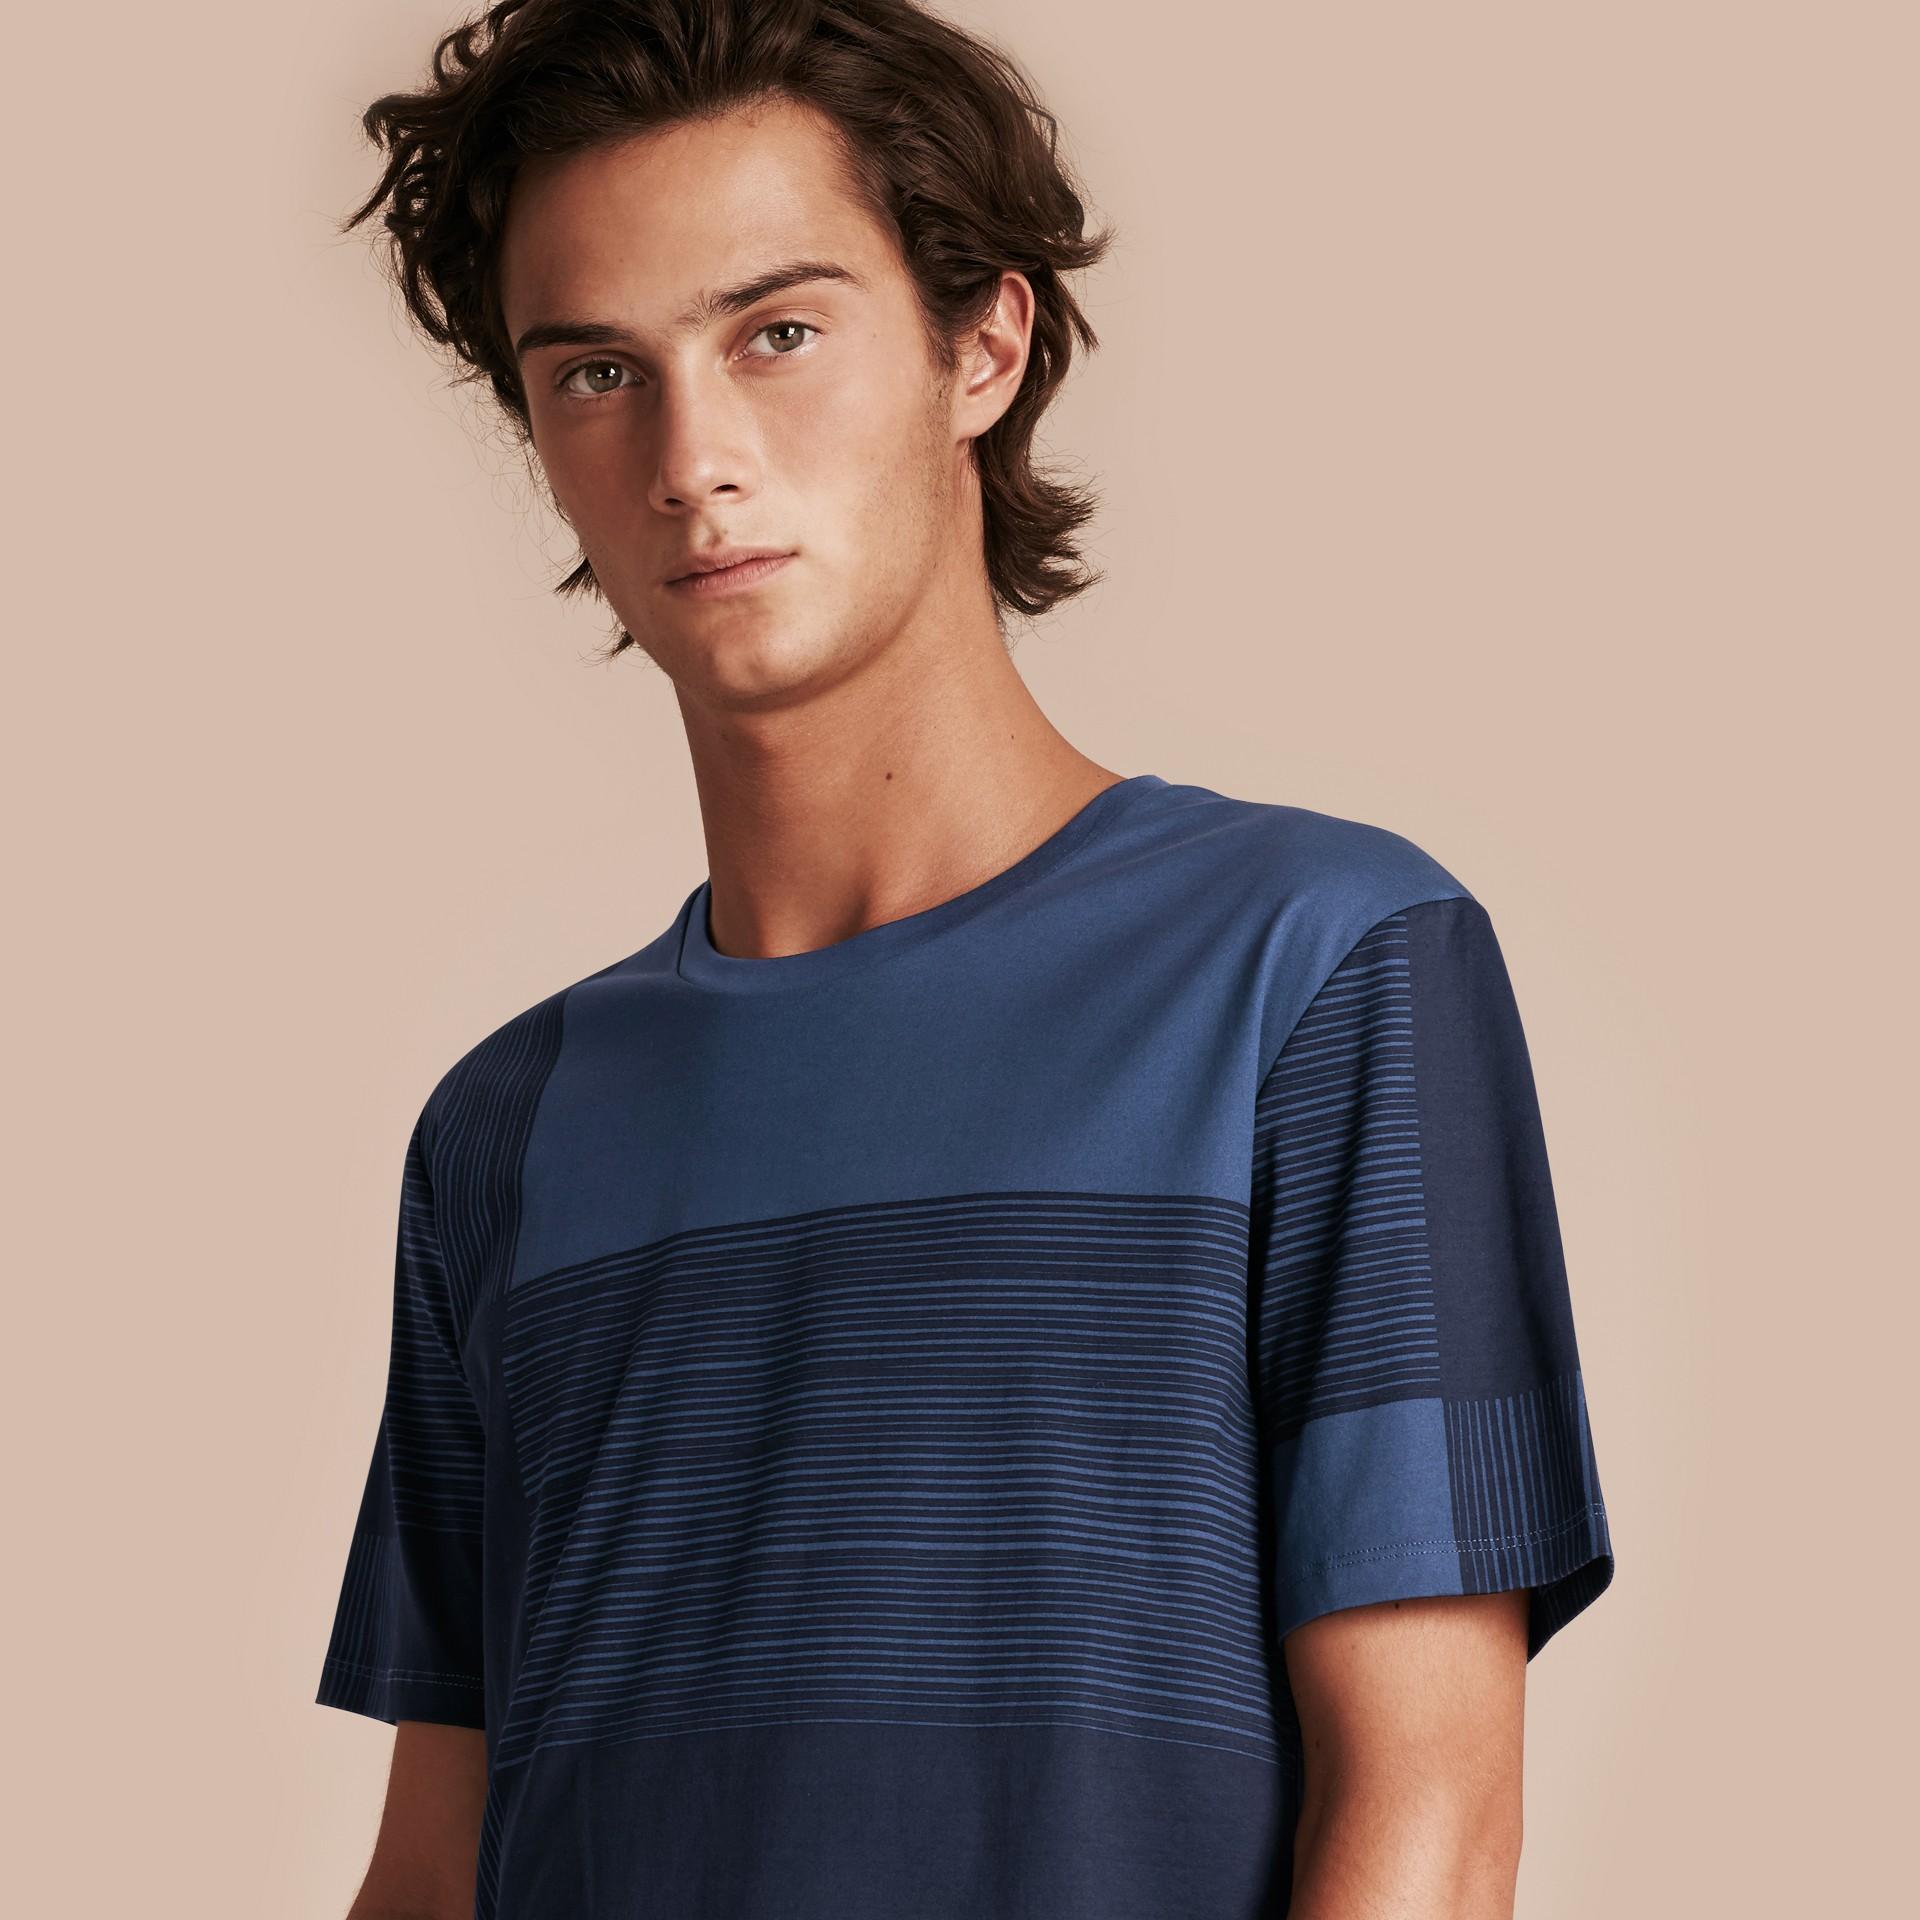 Navy T-shirt in cotone con motivo check stampato Navy - immagine della galleria 6